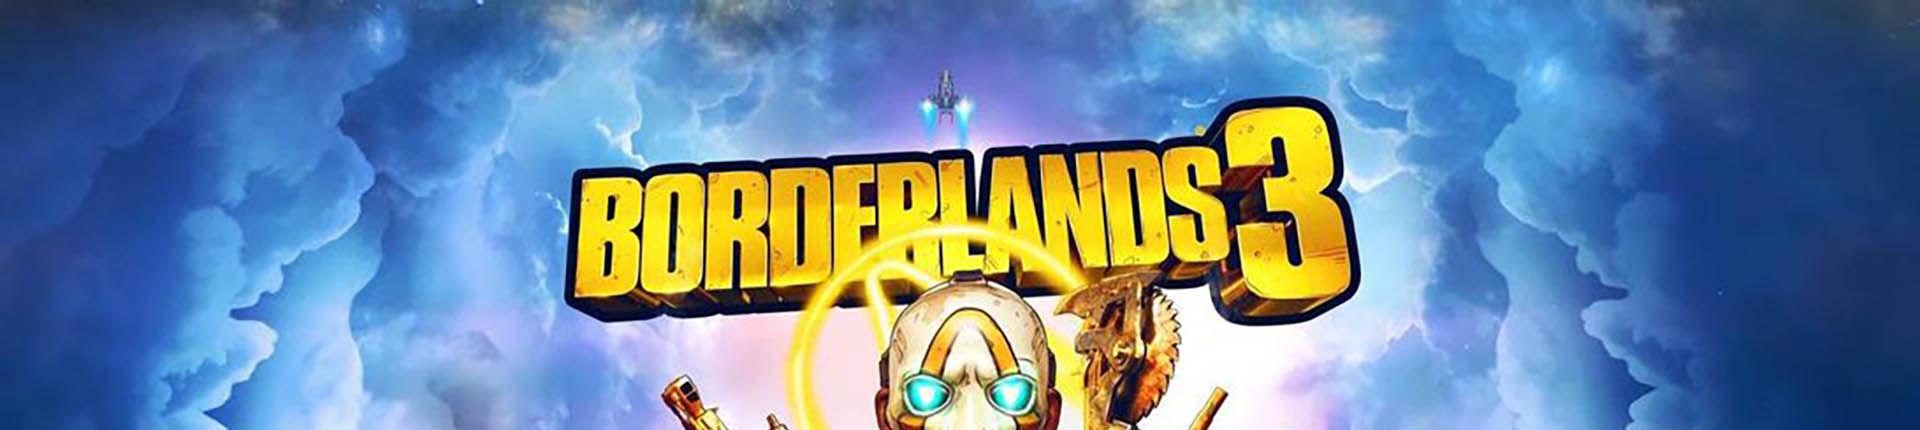 <a href='https://www.mightygamesmag.de/all-game-list/borderlands-3/'>Zum Spiel</a>